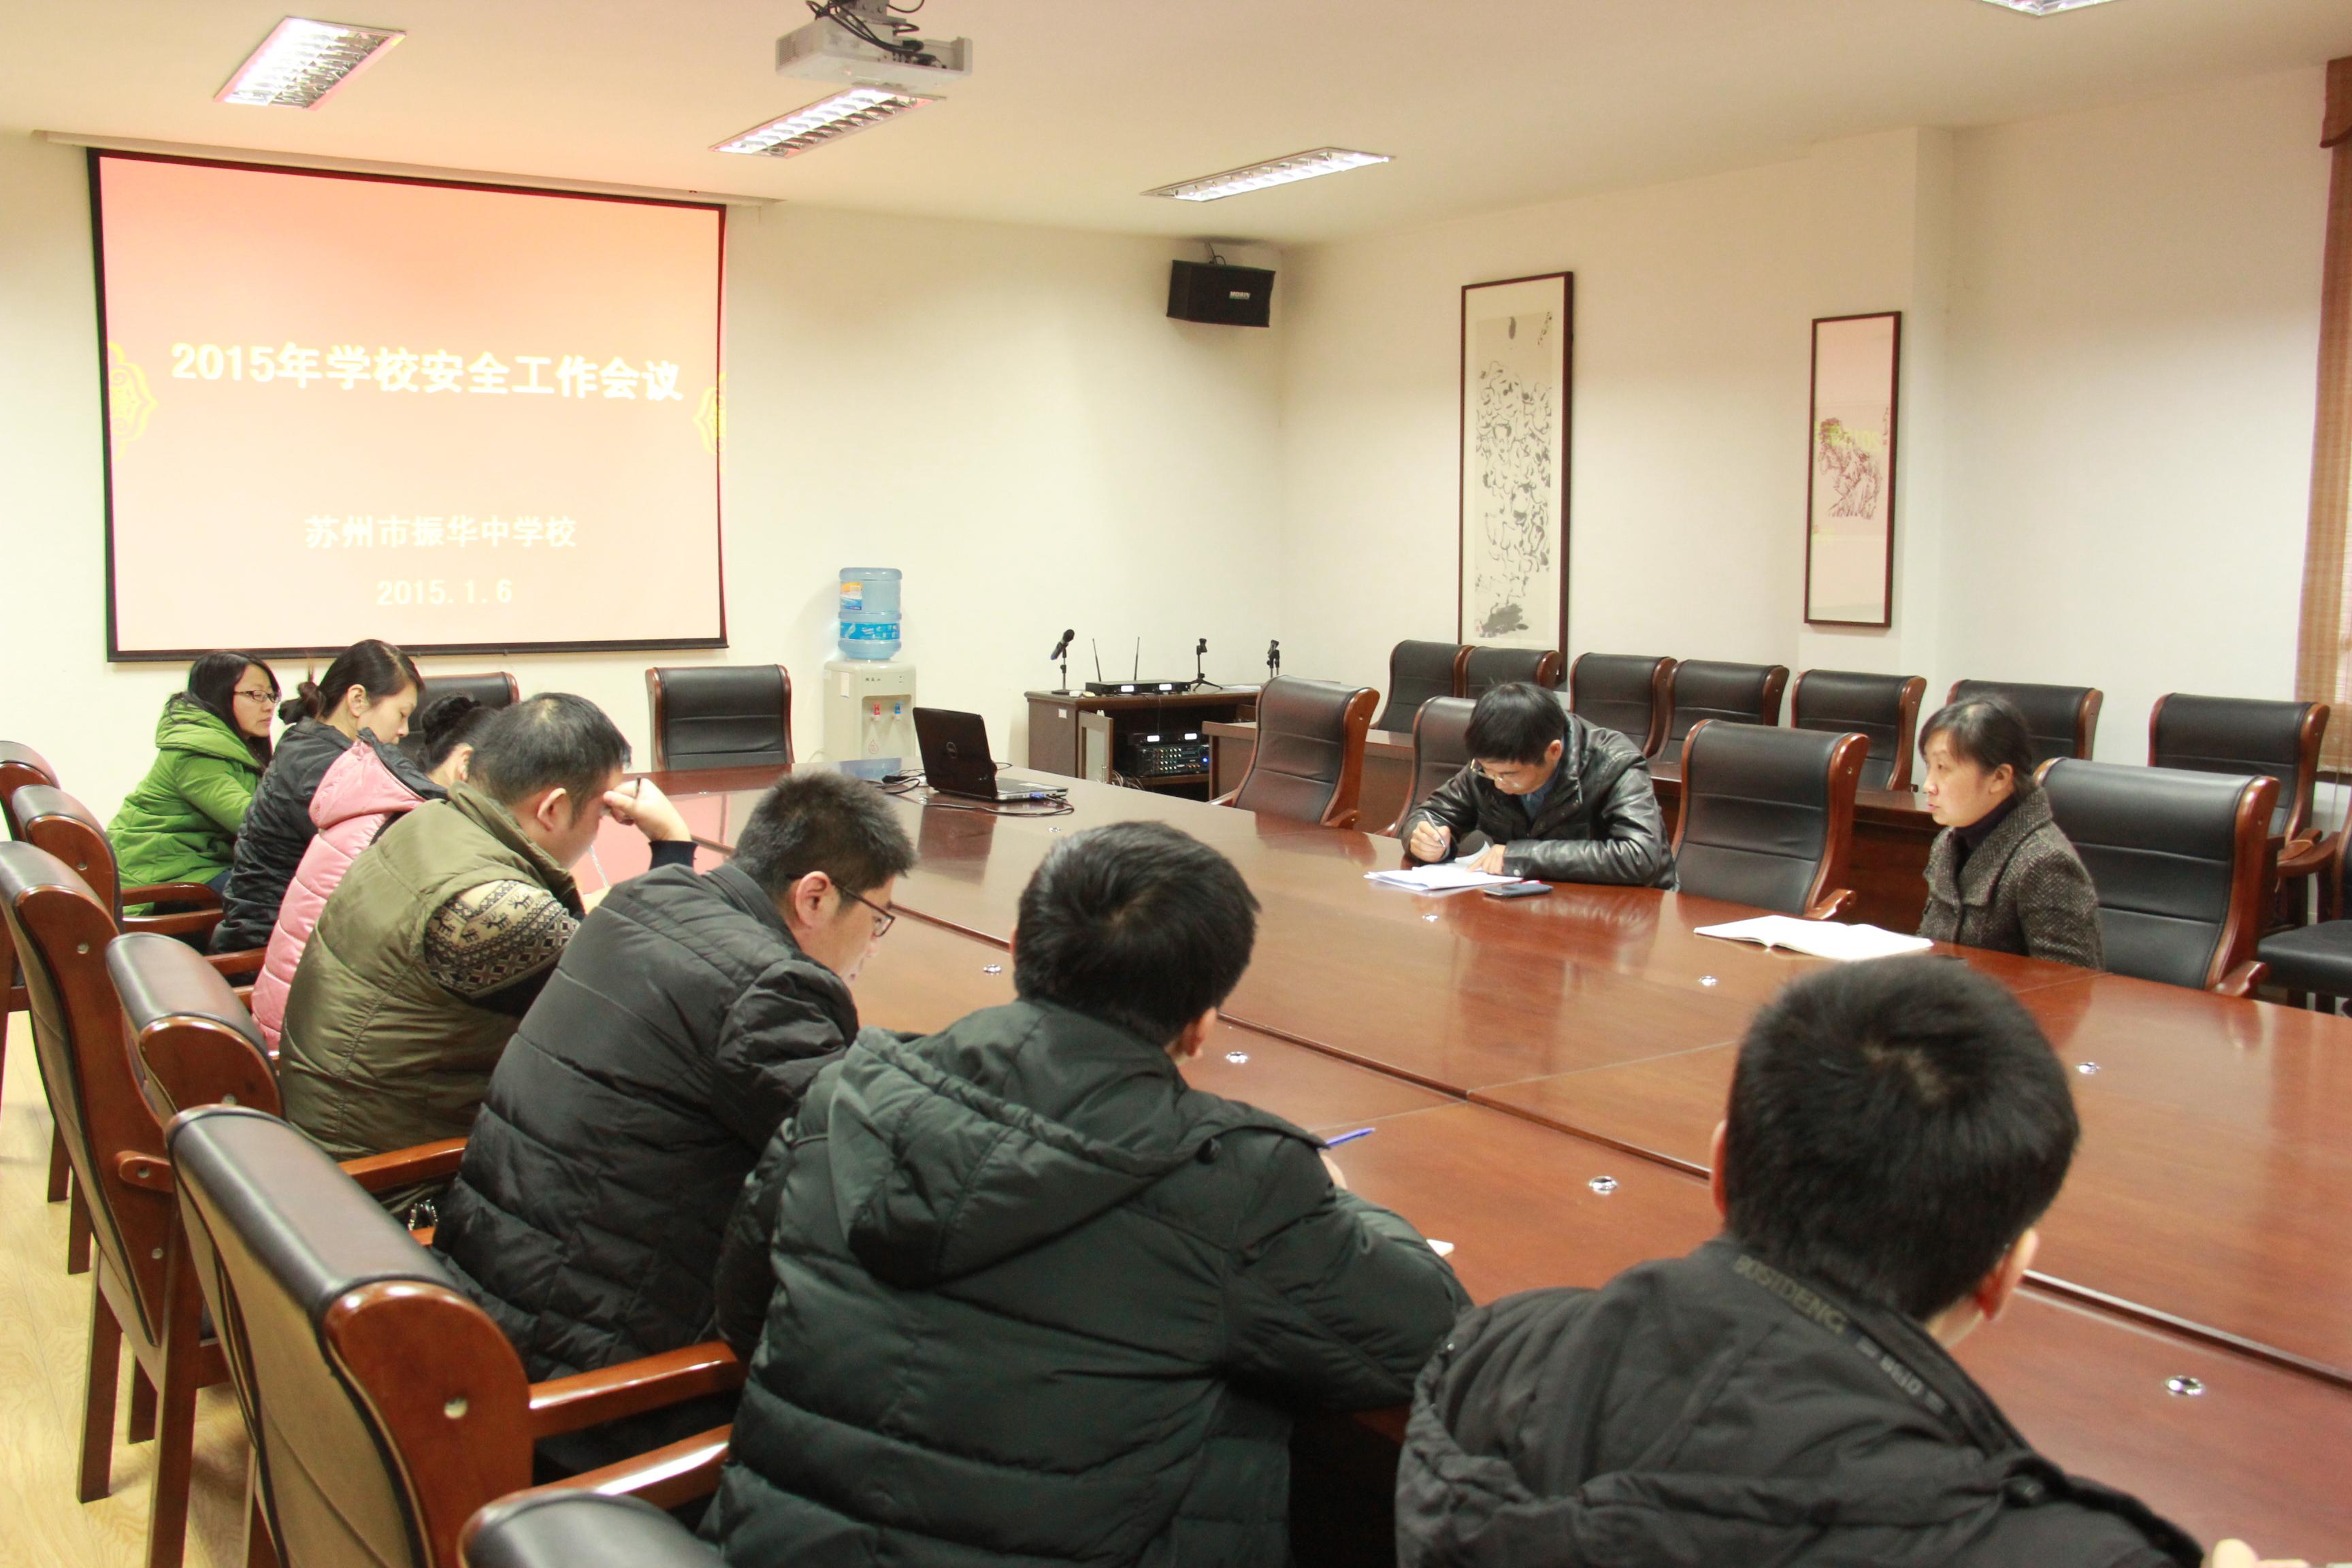 2015年学校安全工作会议